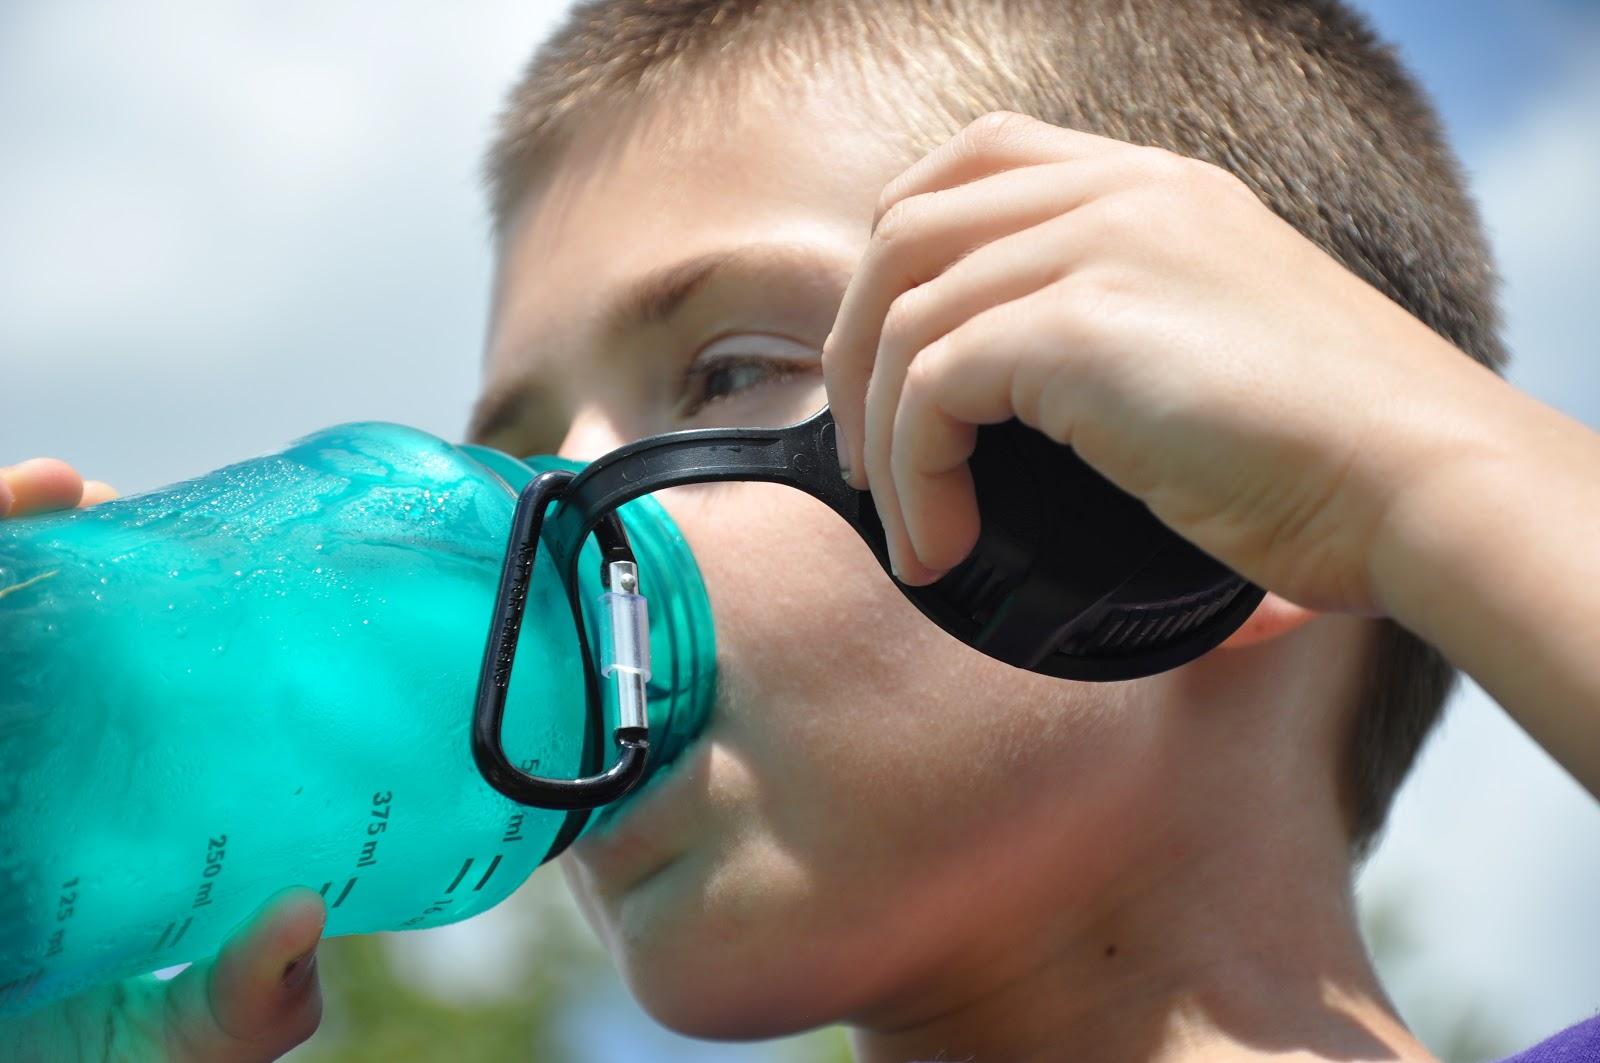 スポーツドリンクで喉の渇きを癒す少年